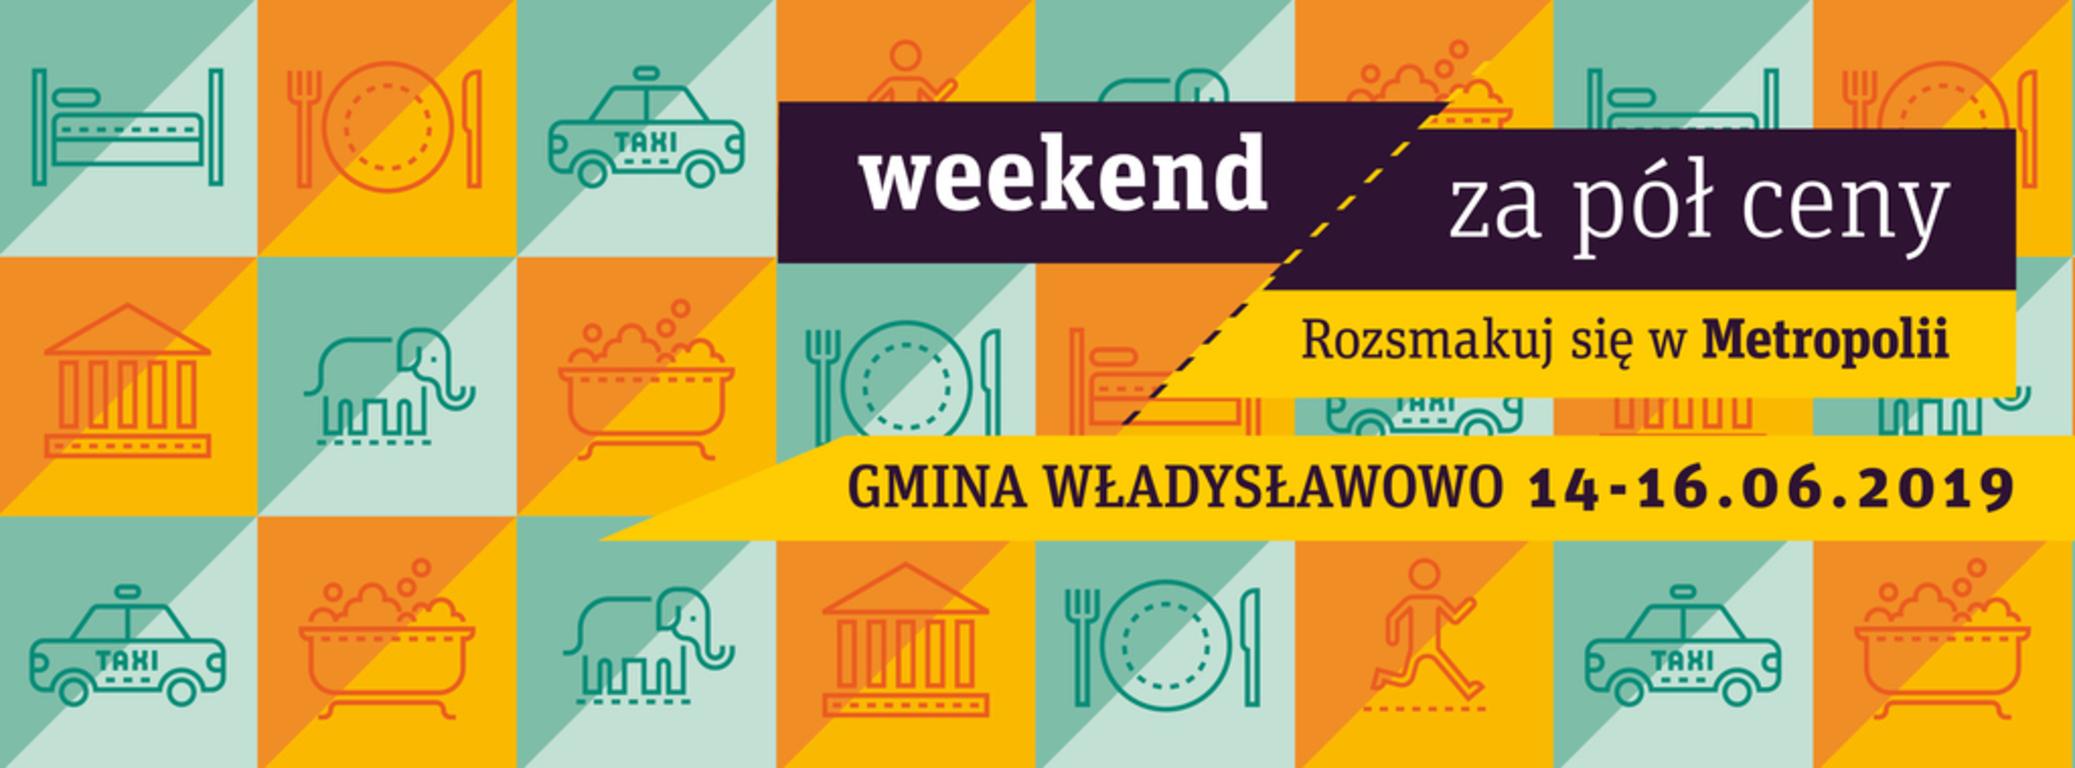 Weekend za pół ceny (link otworzy duże zdjęcie)